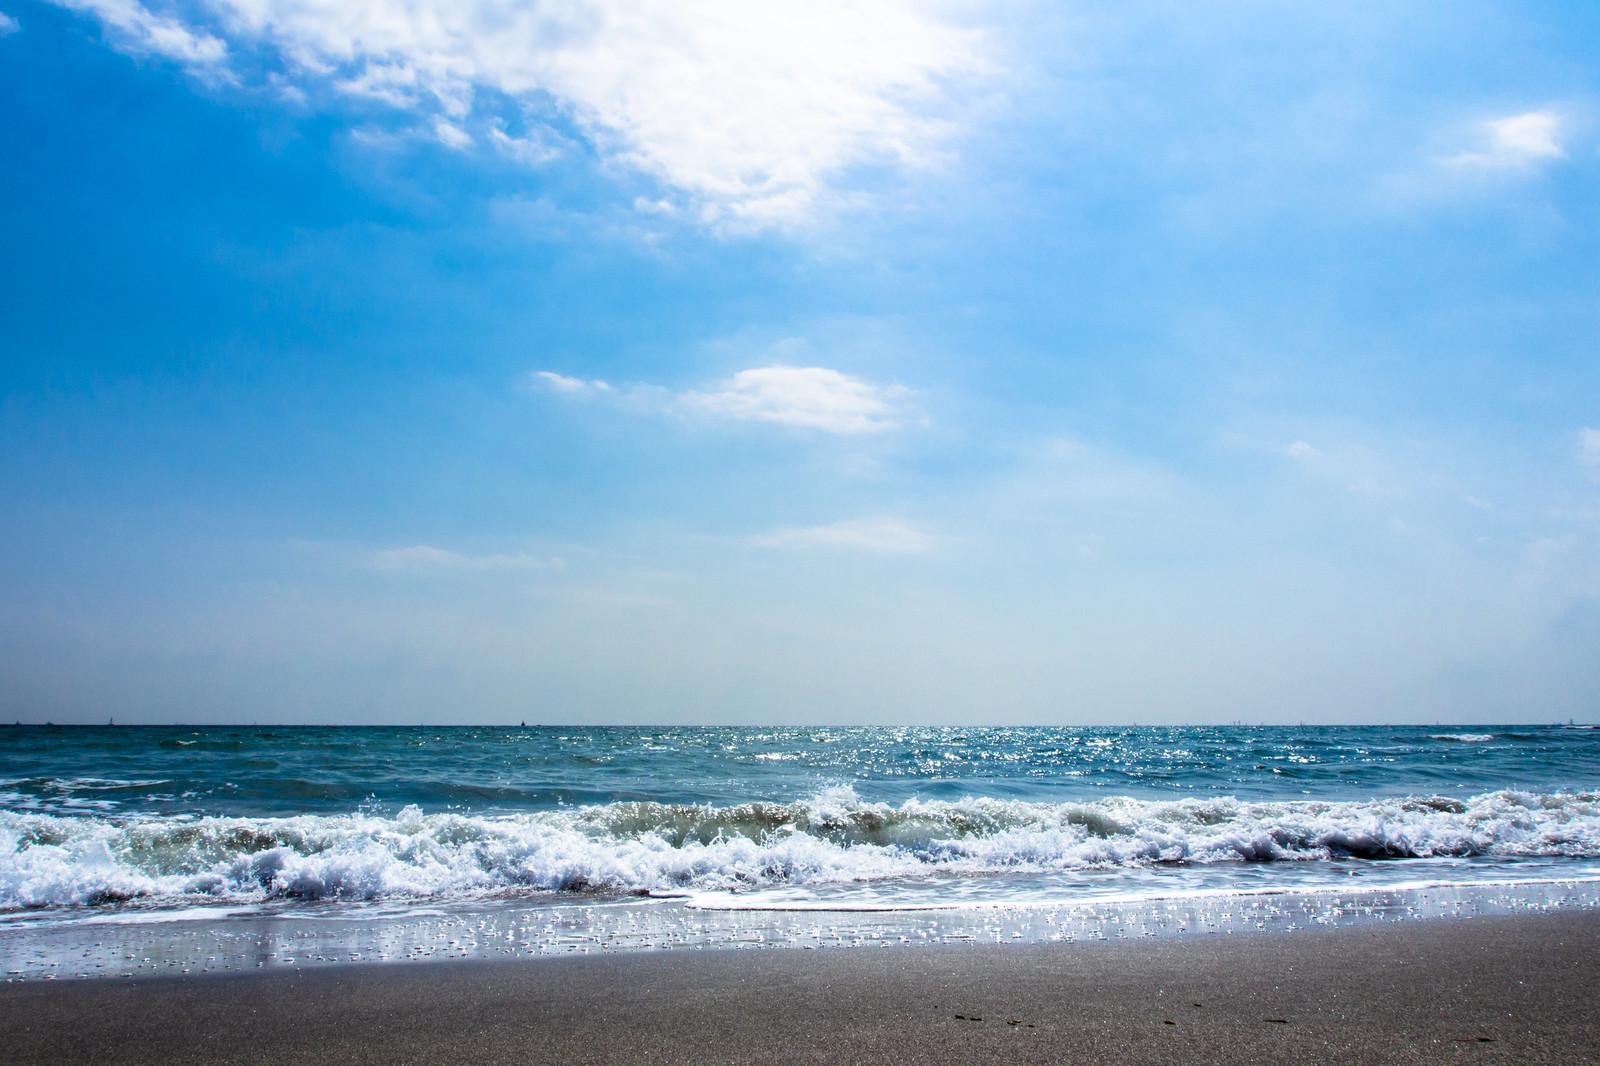 「波打ち際」の写真